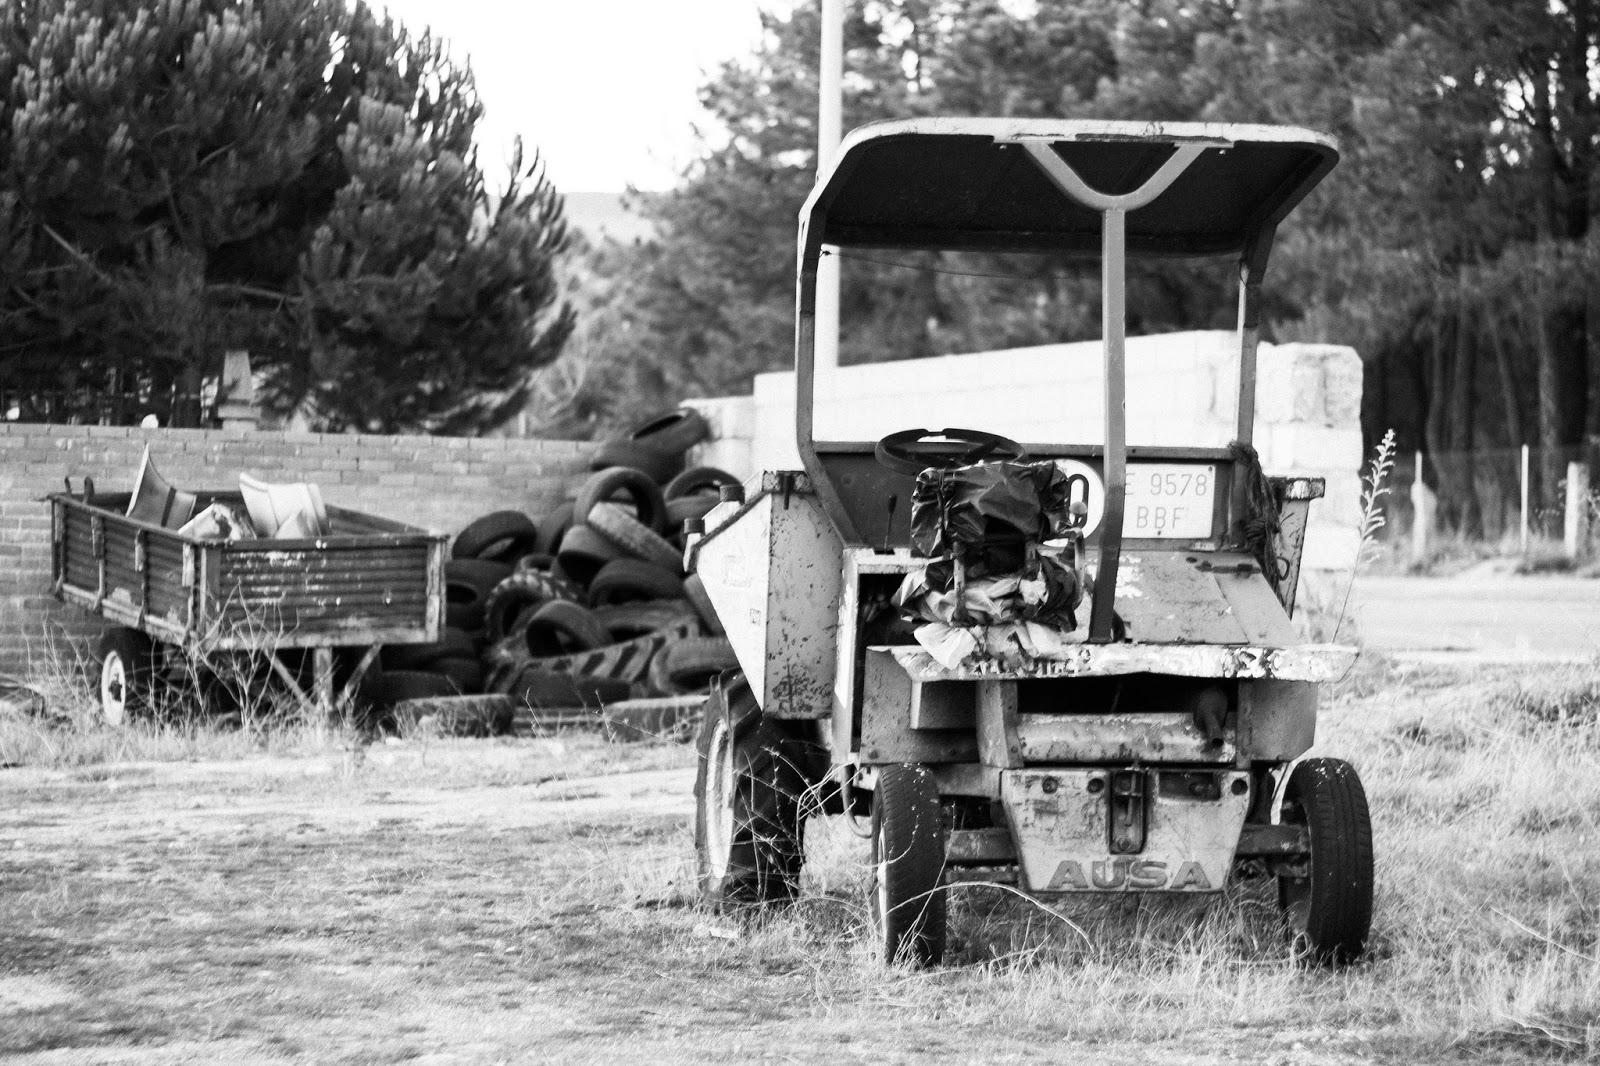 Tractor, El Barraco, Avila 2013